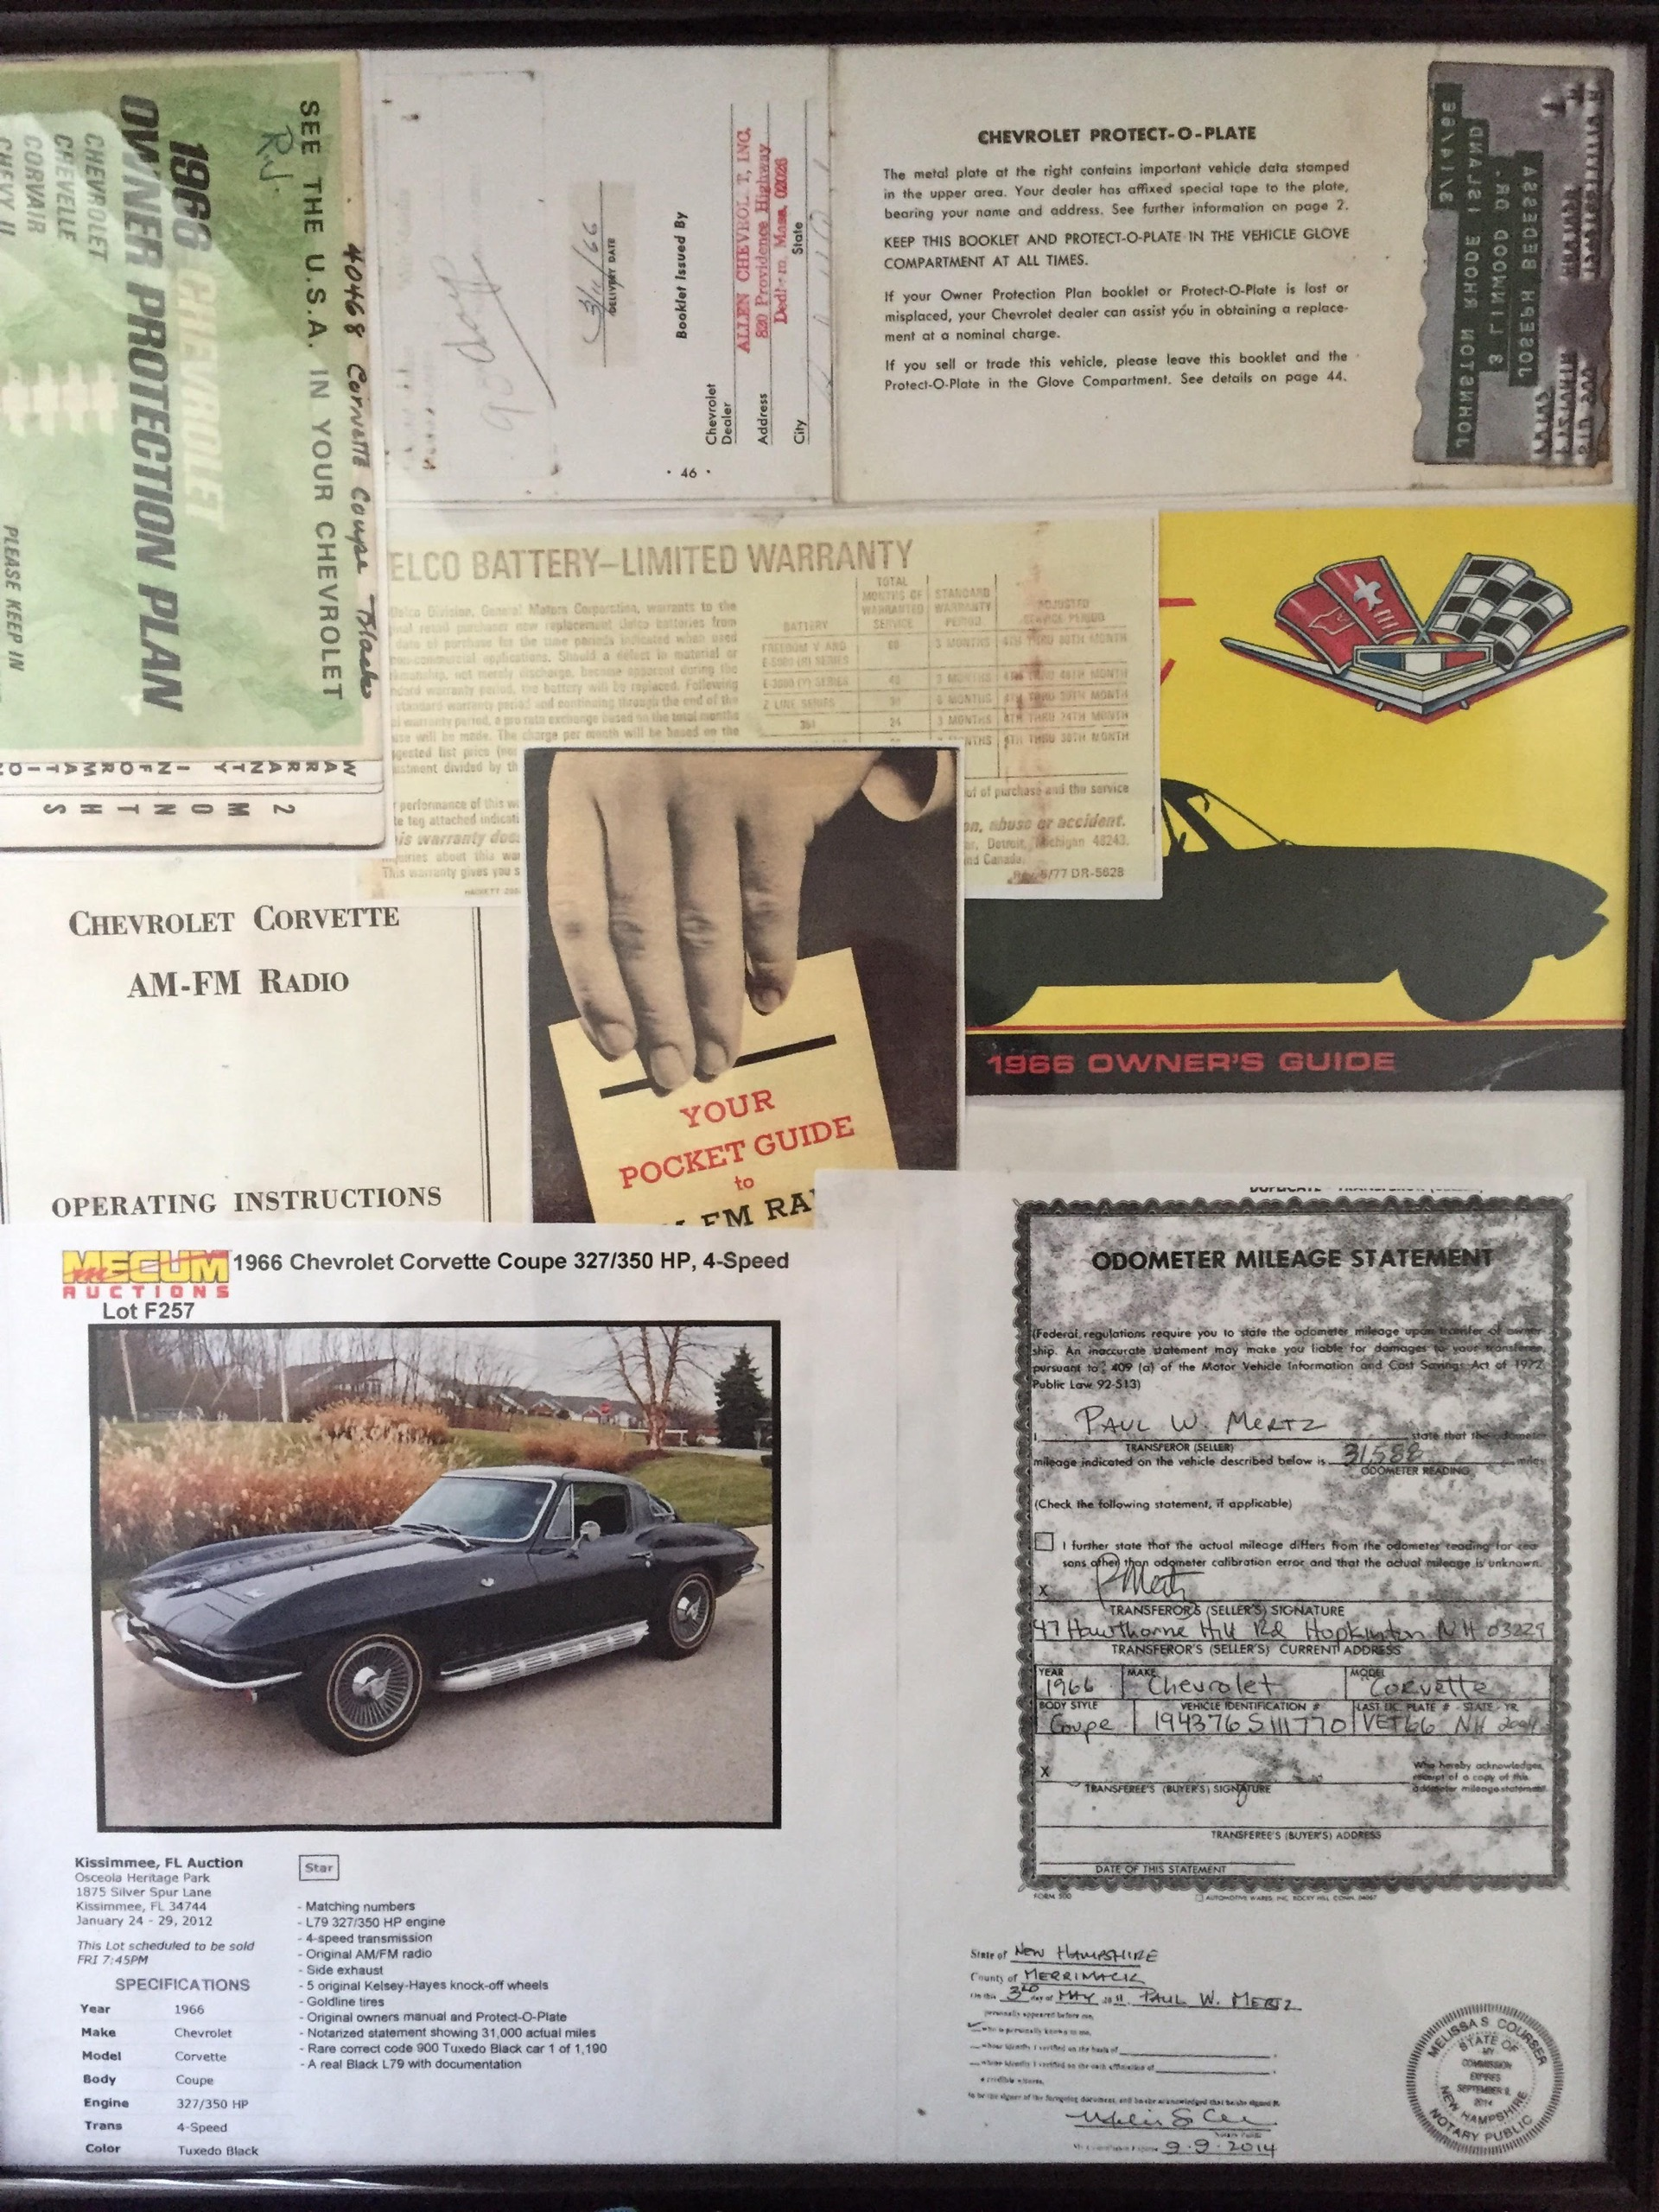 66 1966 Chevrolet owners manual ORIGINAL